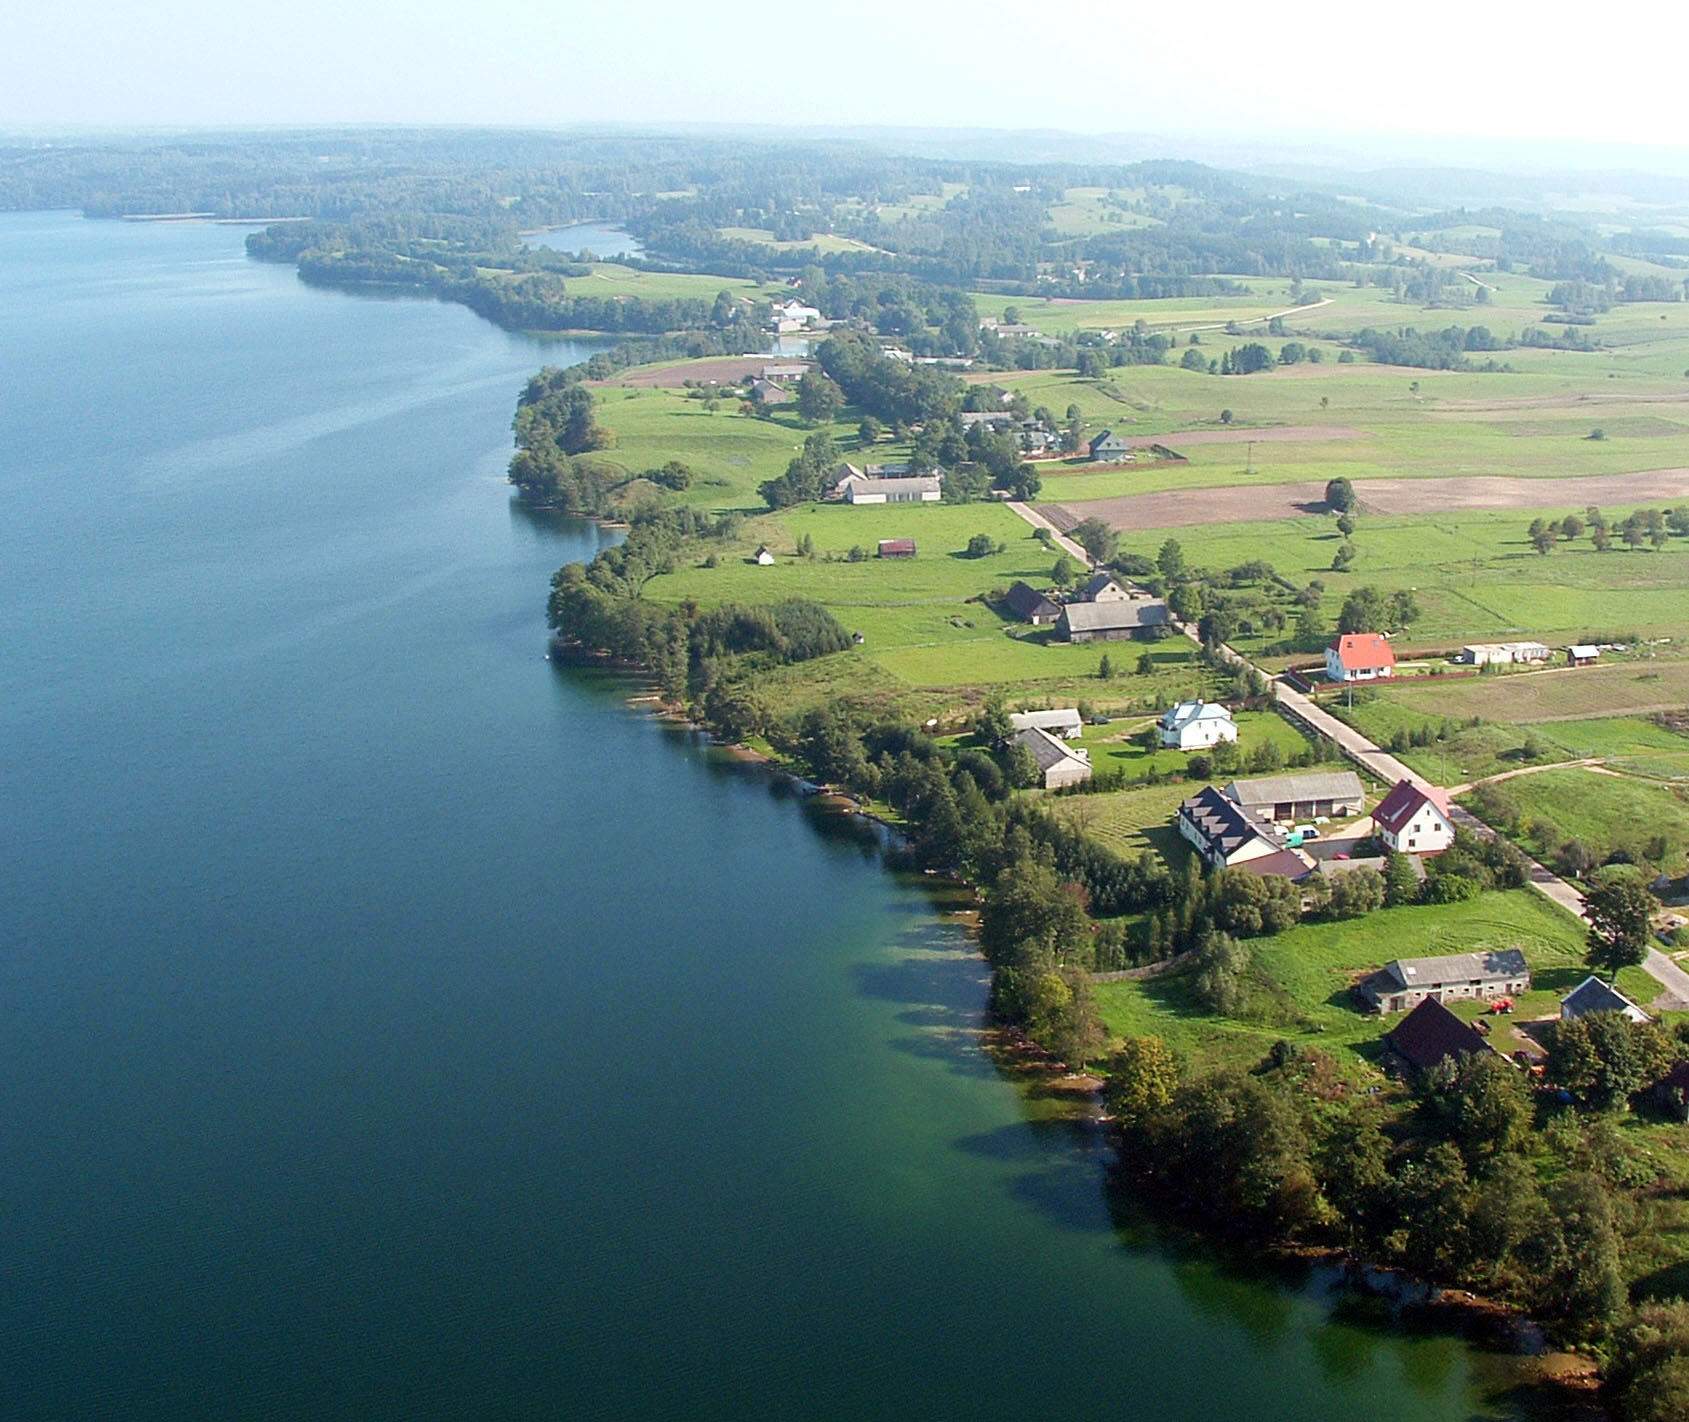 Noclegi nad jeziorem Hañcza